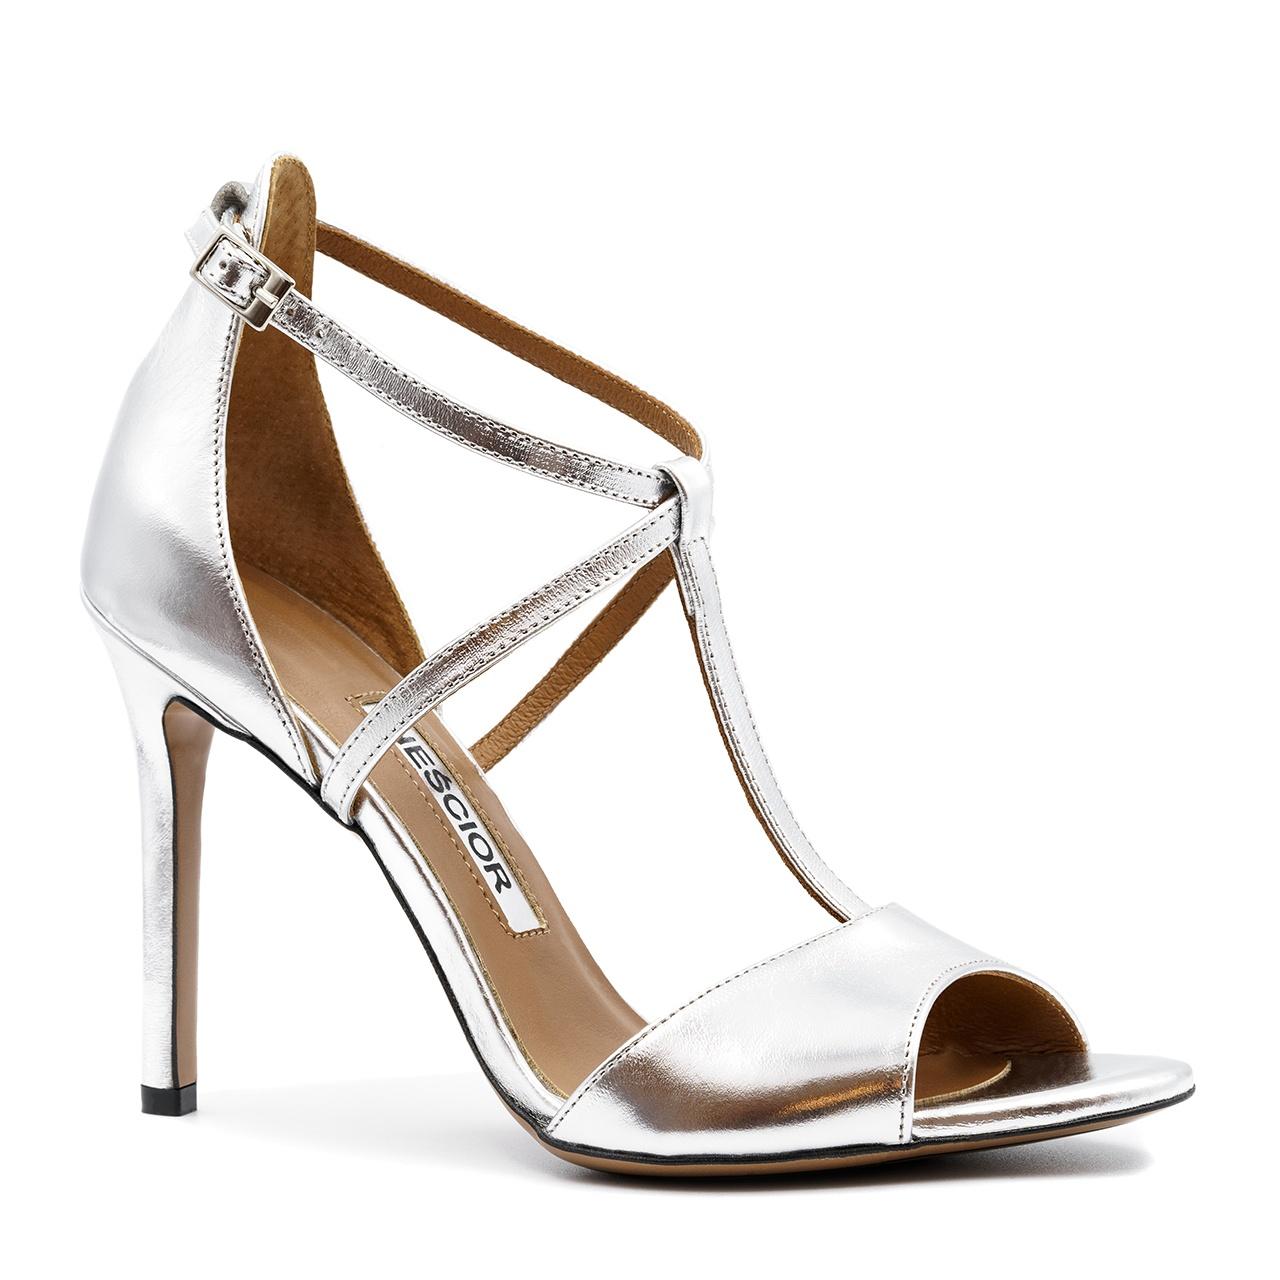 9426f9001ec Srebrne skórzane sandały na szpilce ze skrzyżowanymi paseczkami 103B ...